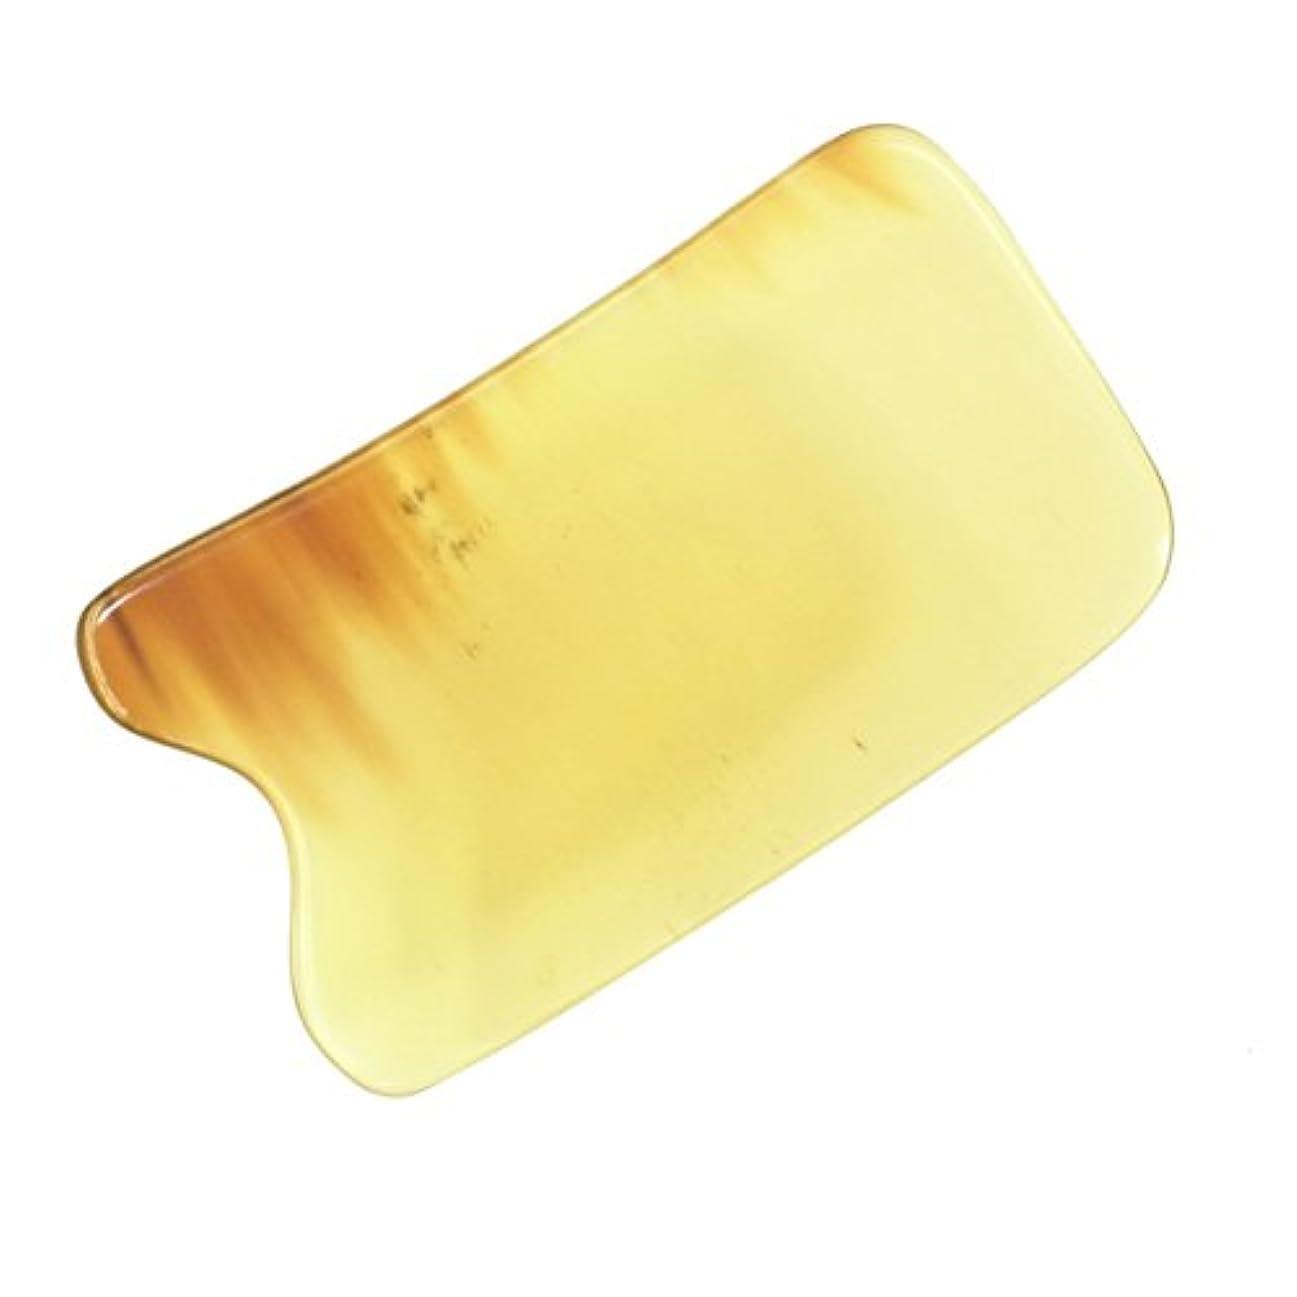 防腐剤不定ふつうかっさ プレート 厚さが選べる 水牛の角(黄水牛角) EHE219 四角凹 一般品 少し薄め (4ミリ程度)